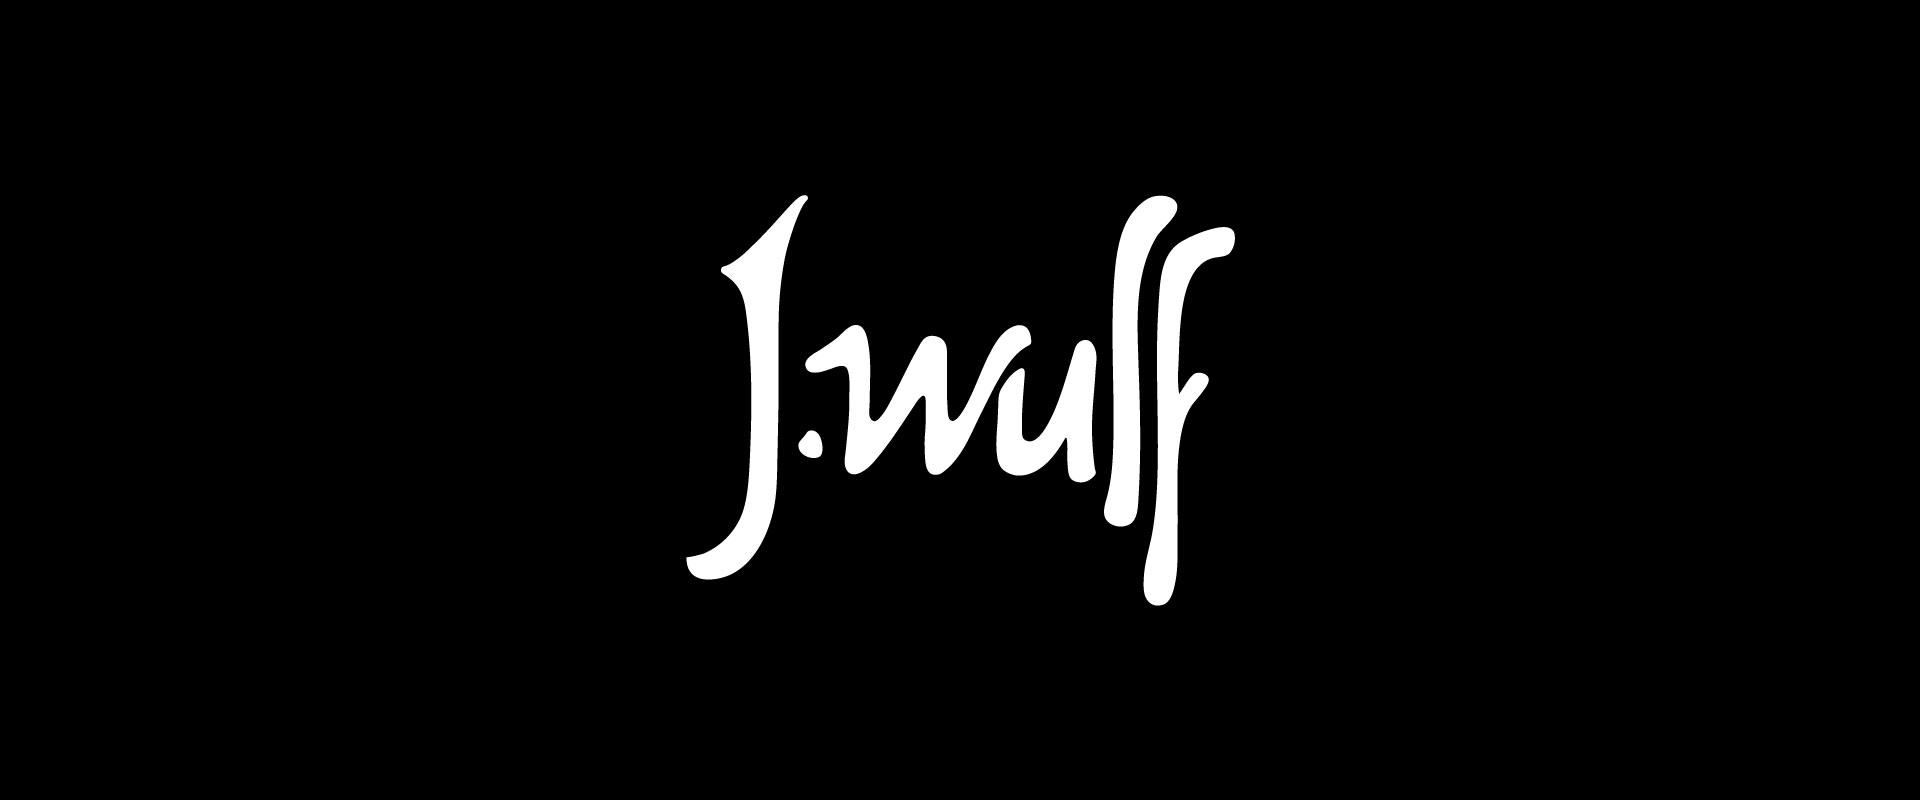 Jwulf (1)